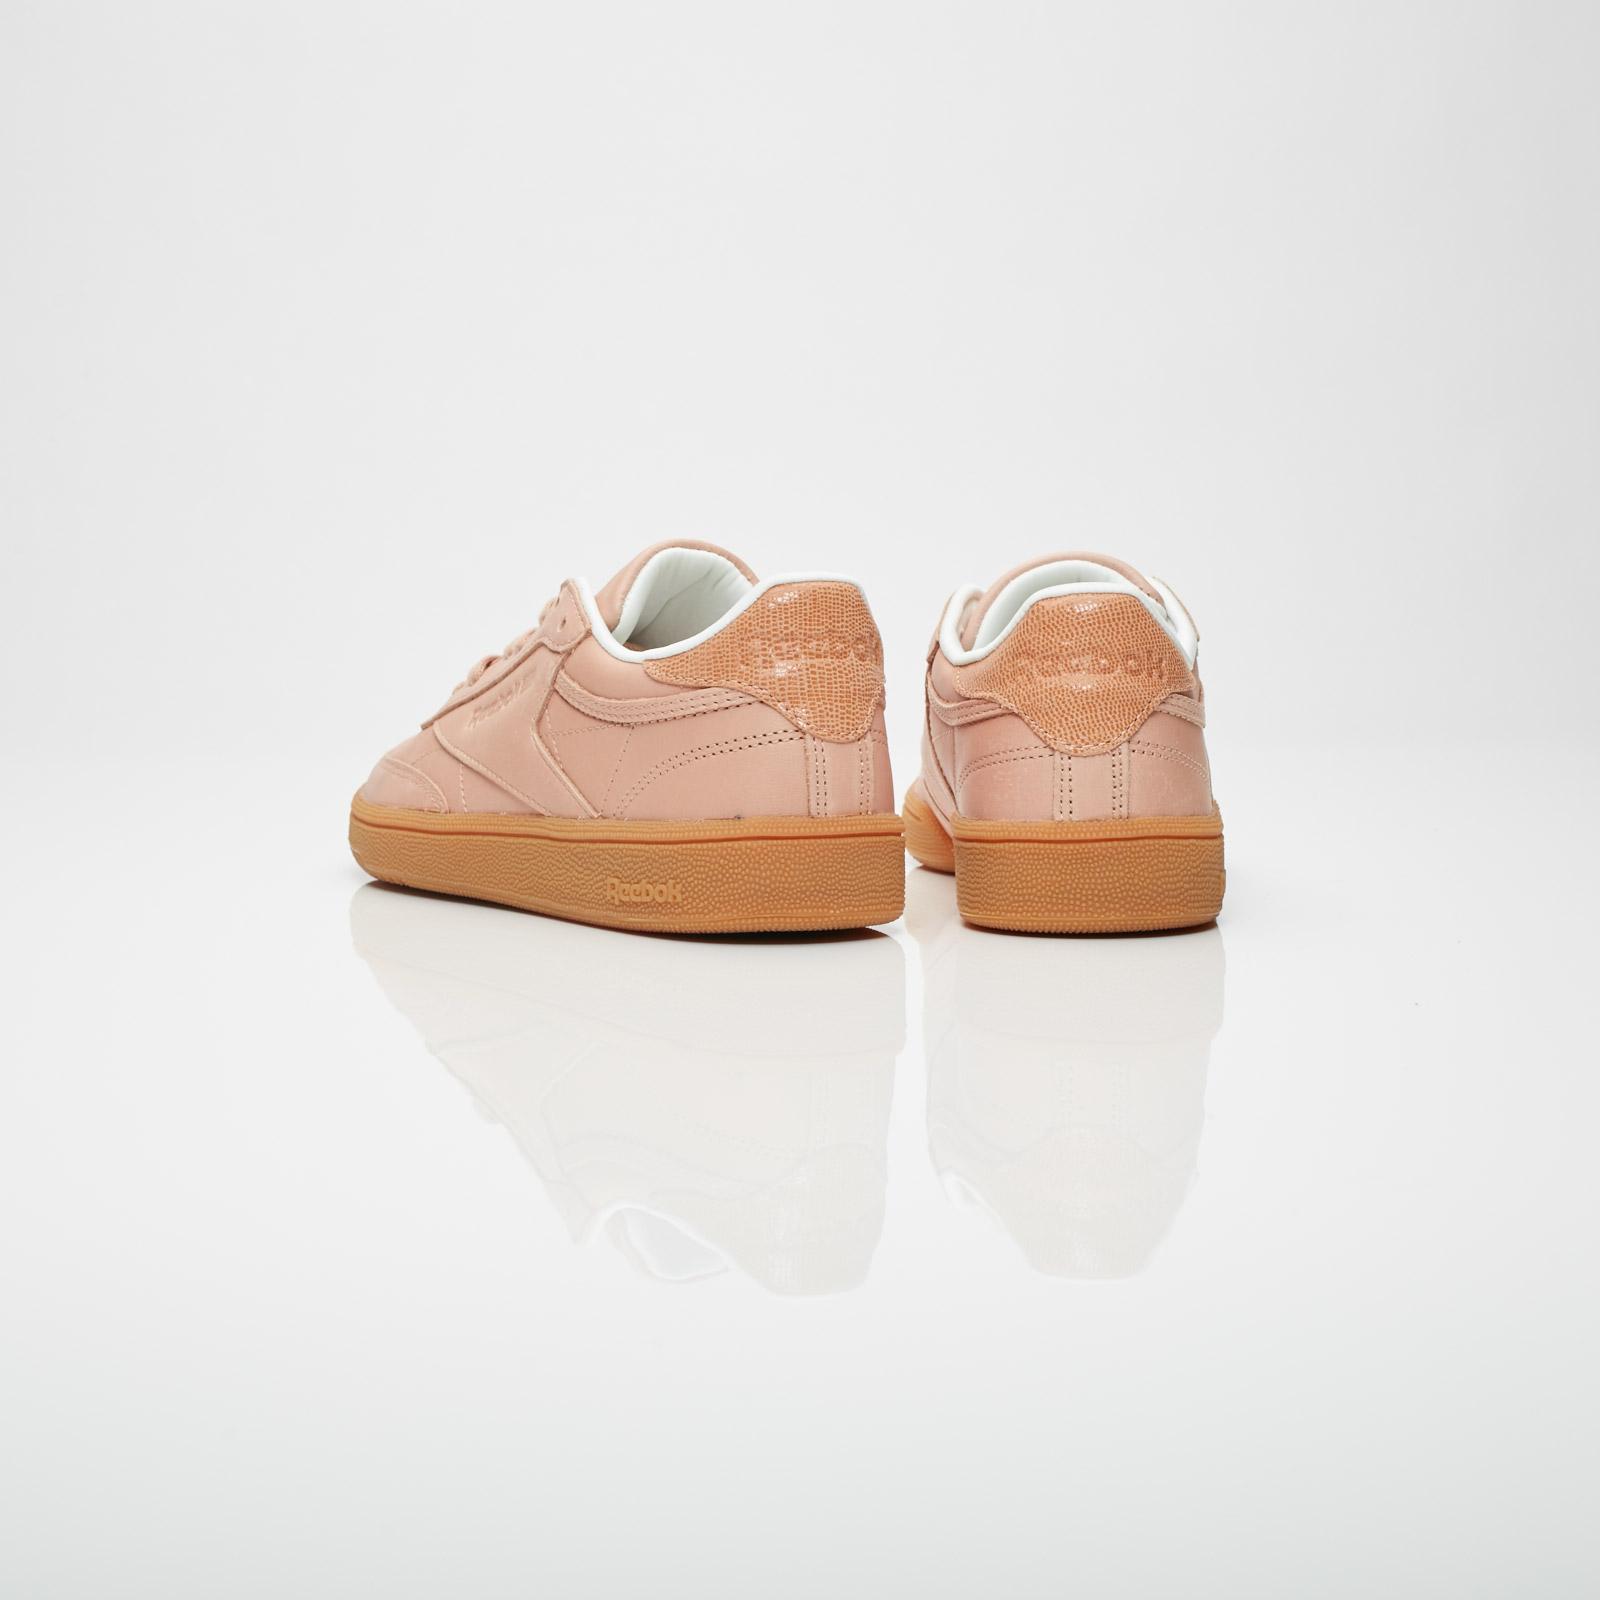 24e00b3988bf1 Reebok Club C 85 Fbt WL - Bs6370 - Sneakersnstuff